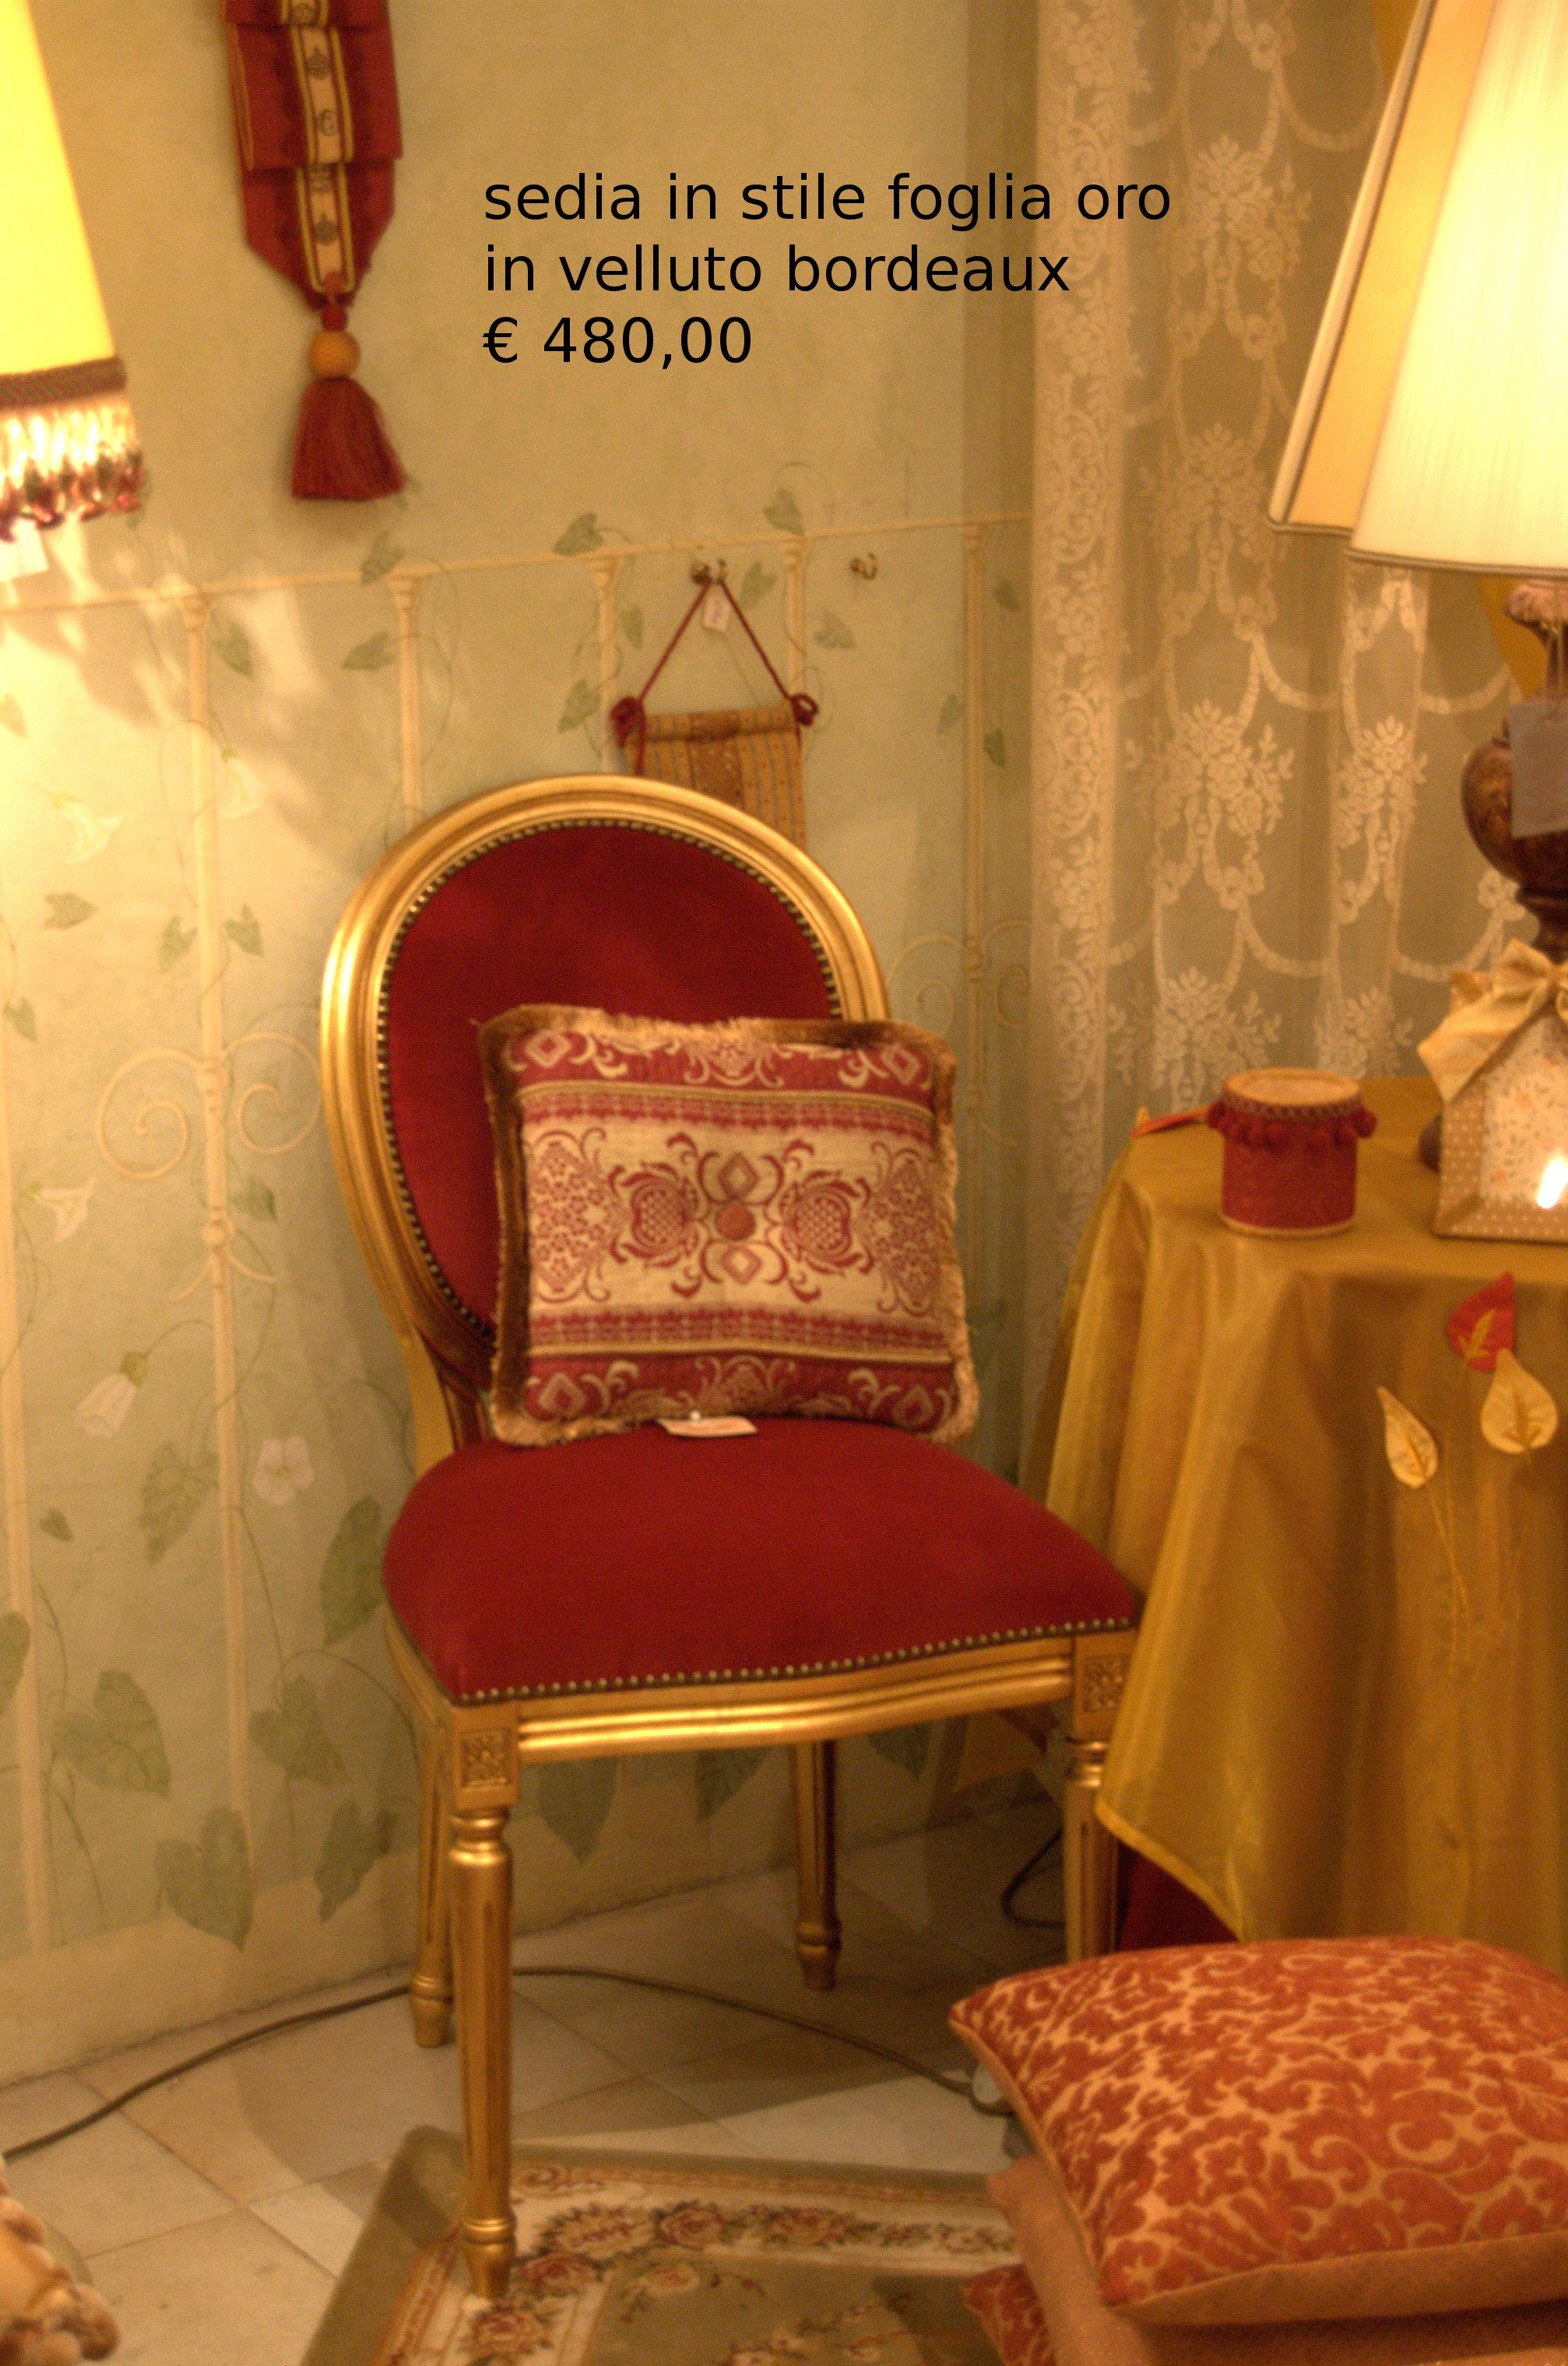 La tappezzeria a trieste rinnovo divani poltrone for Poltrone e sedie